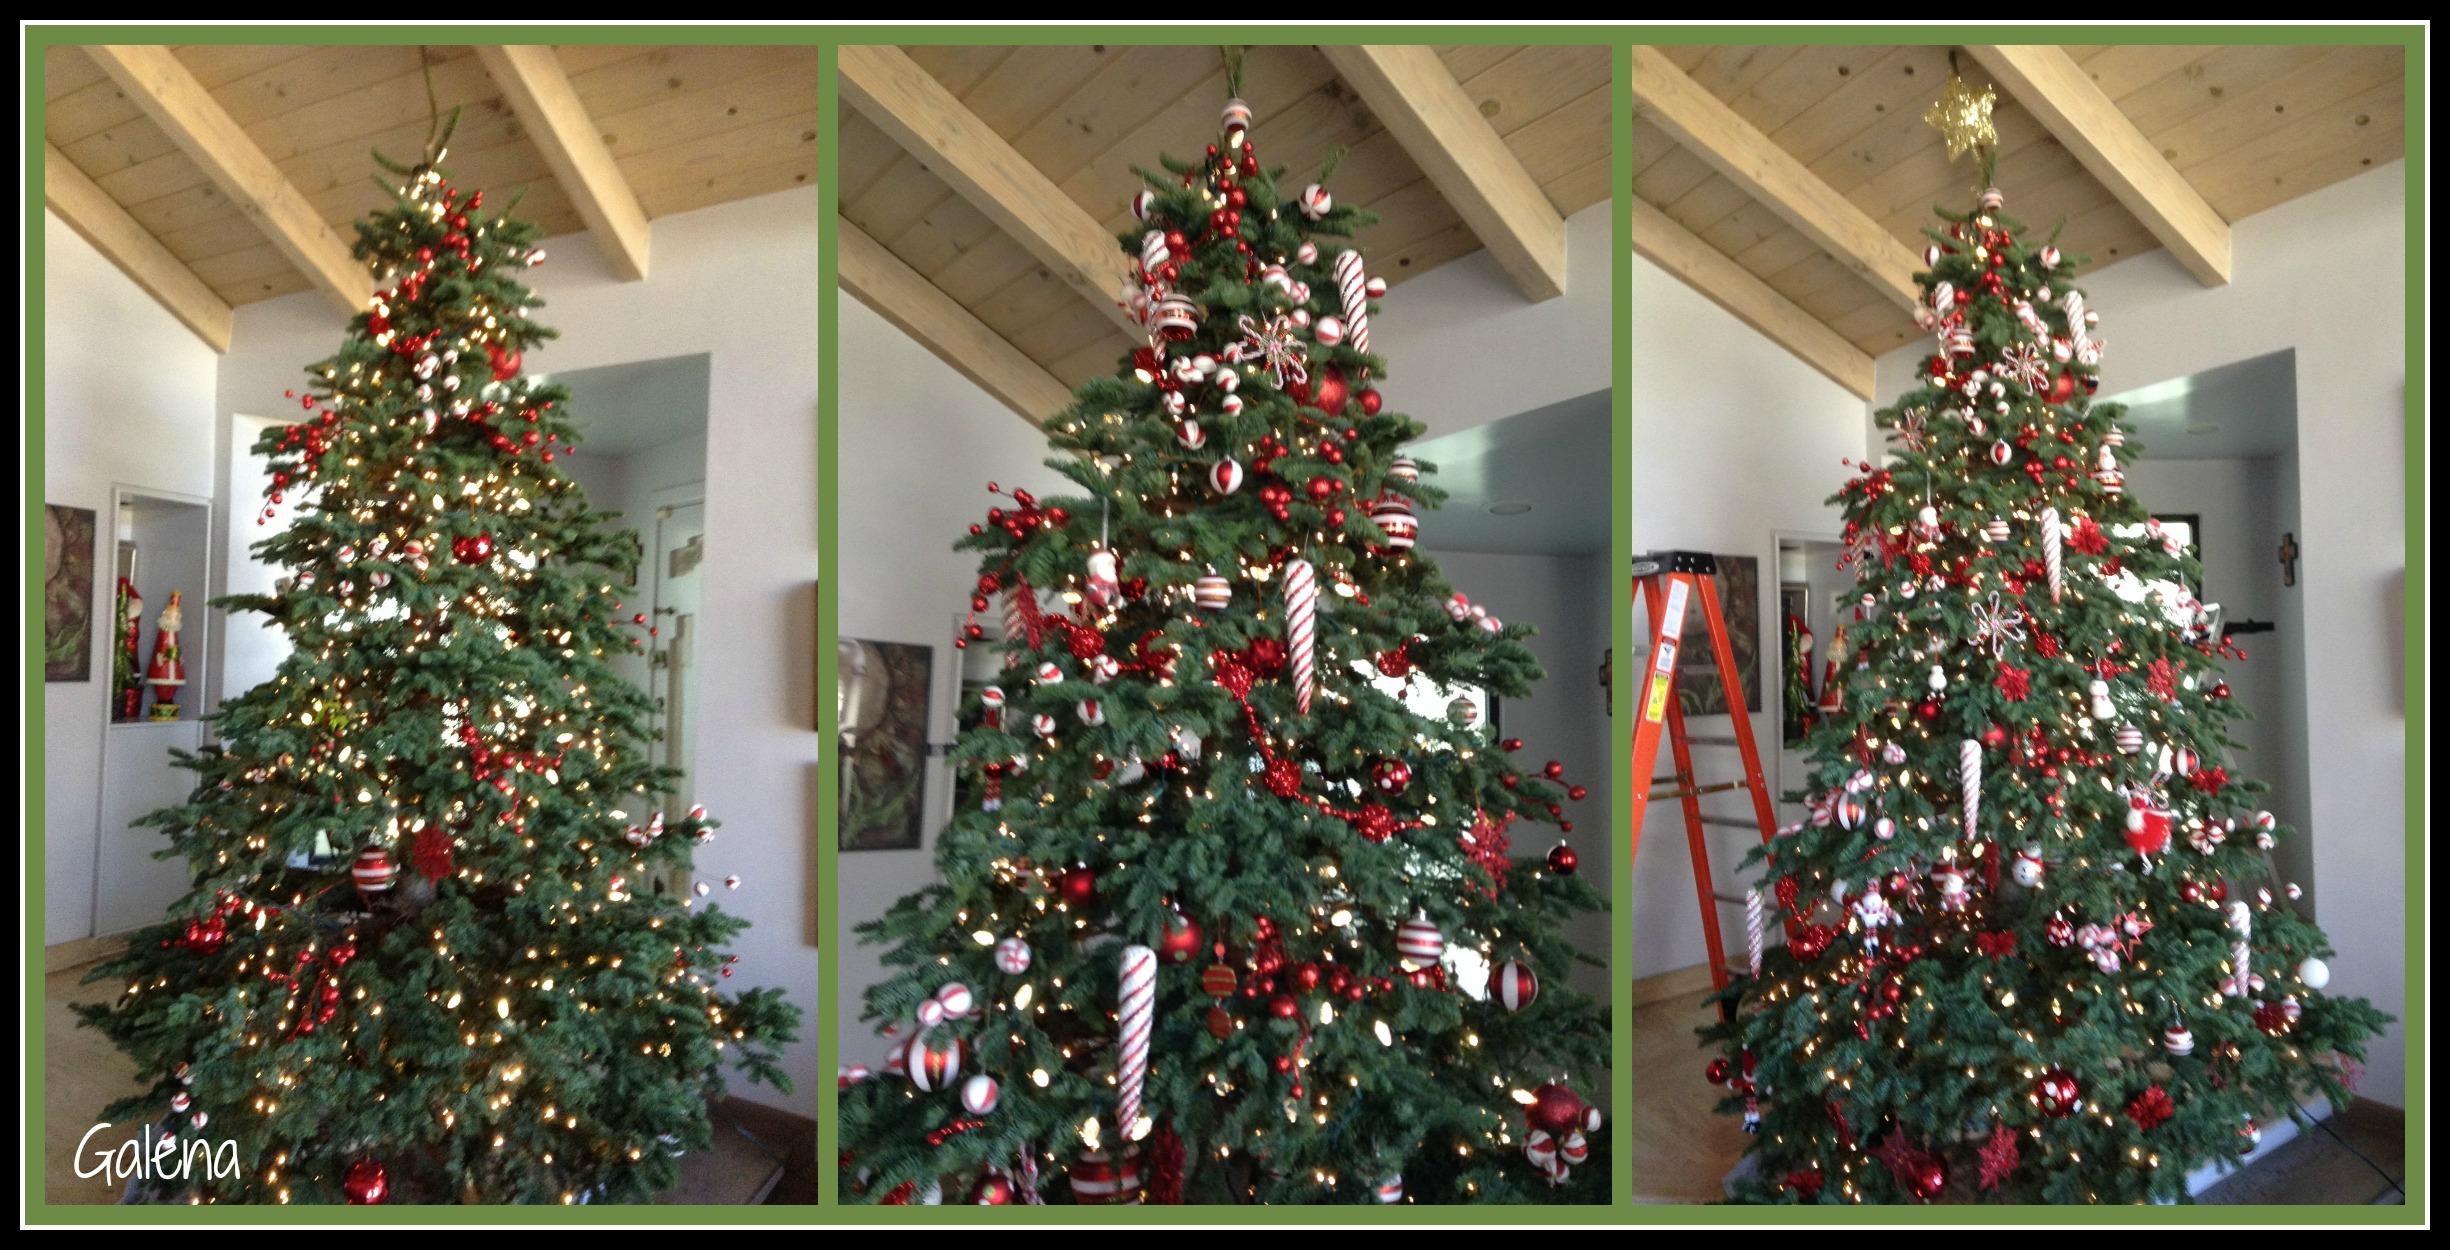 Ideas para decorar el rbol de Navidad Mi rbol en el 2014 Ana